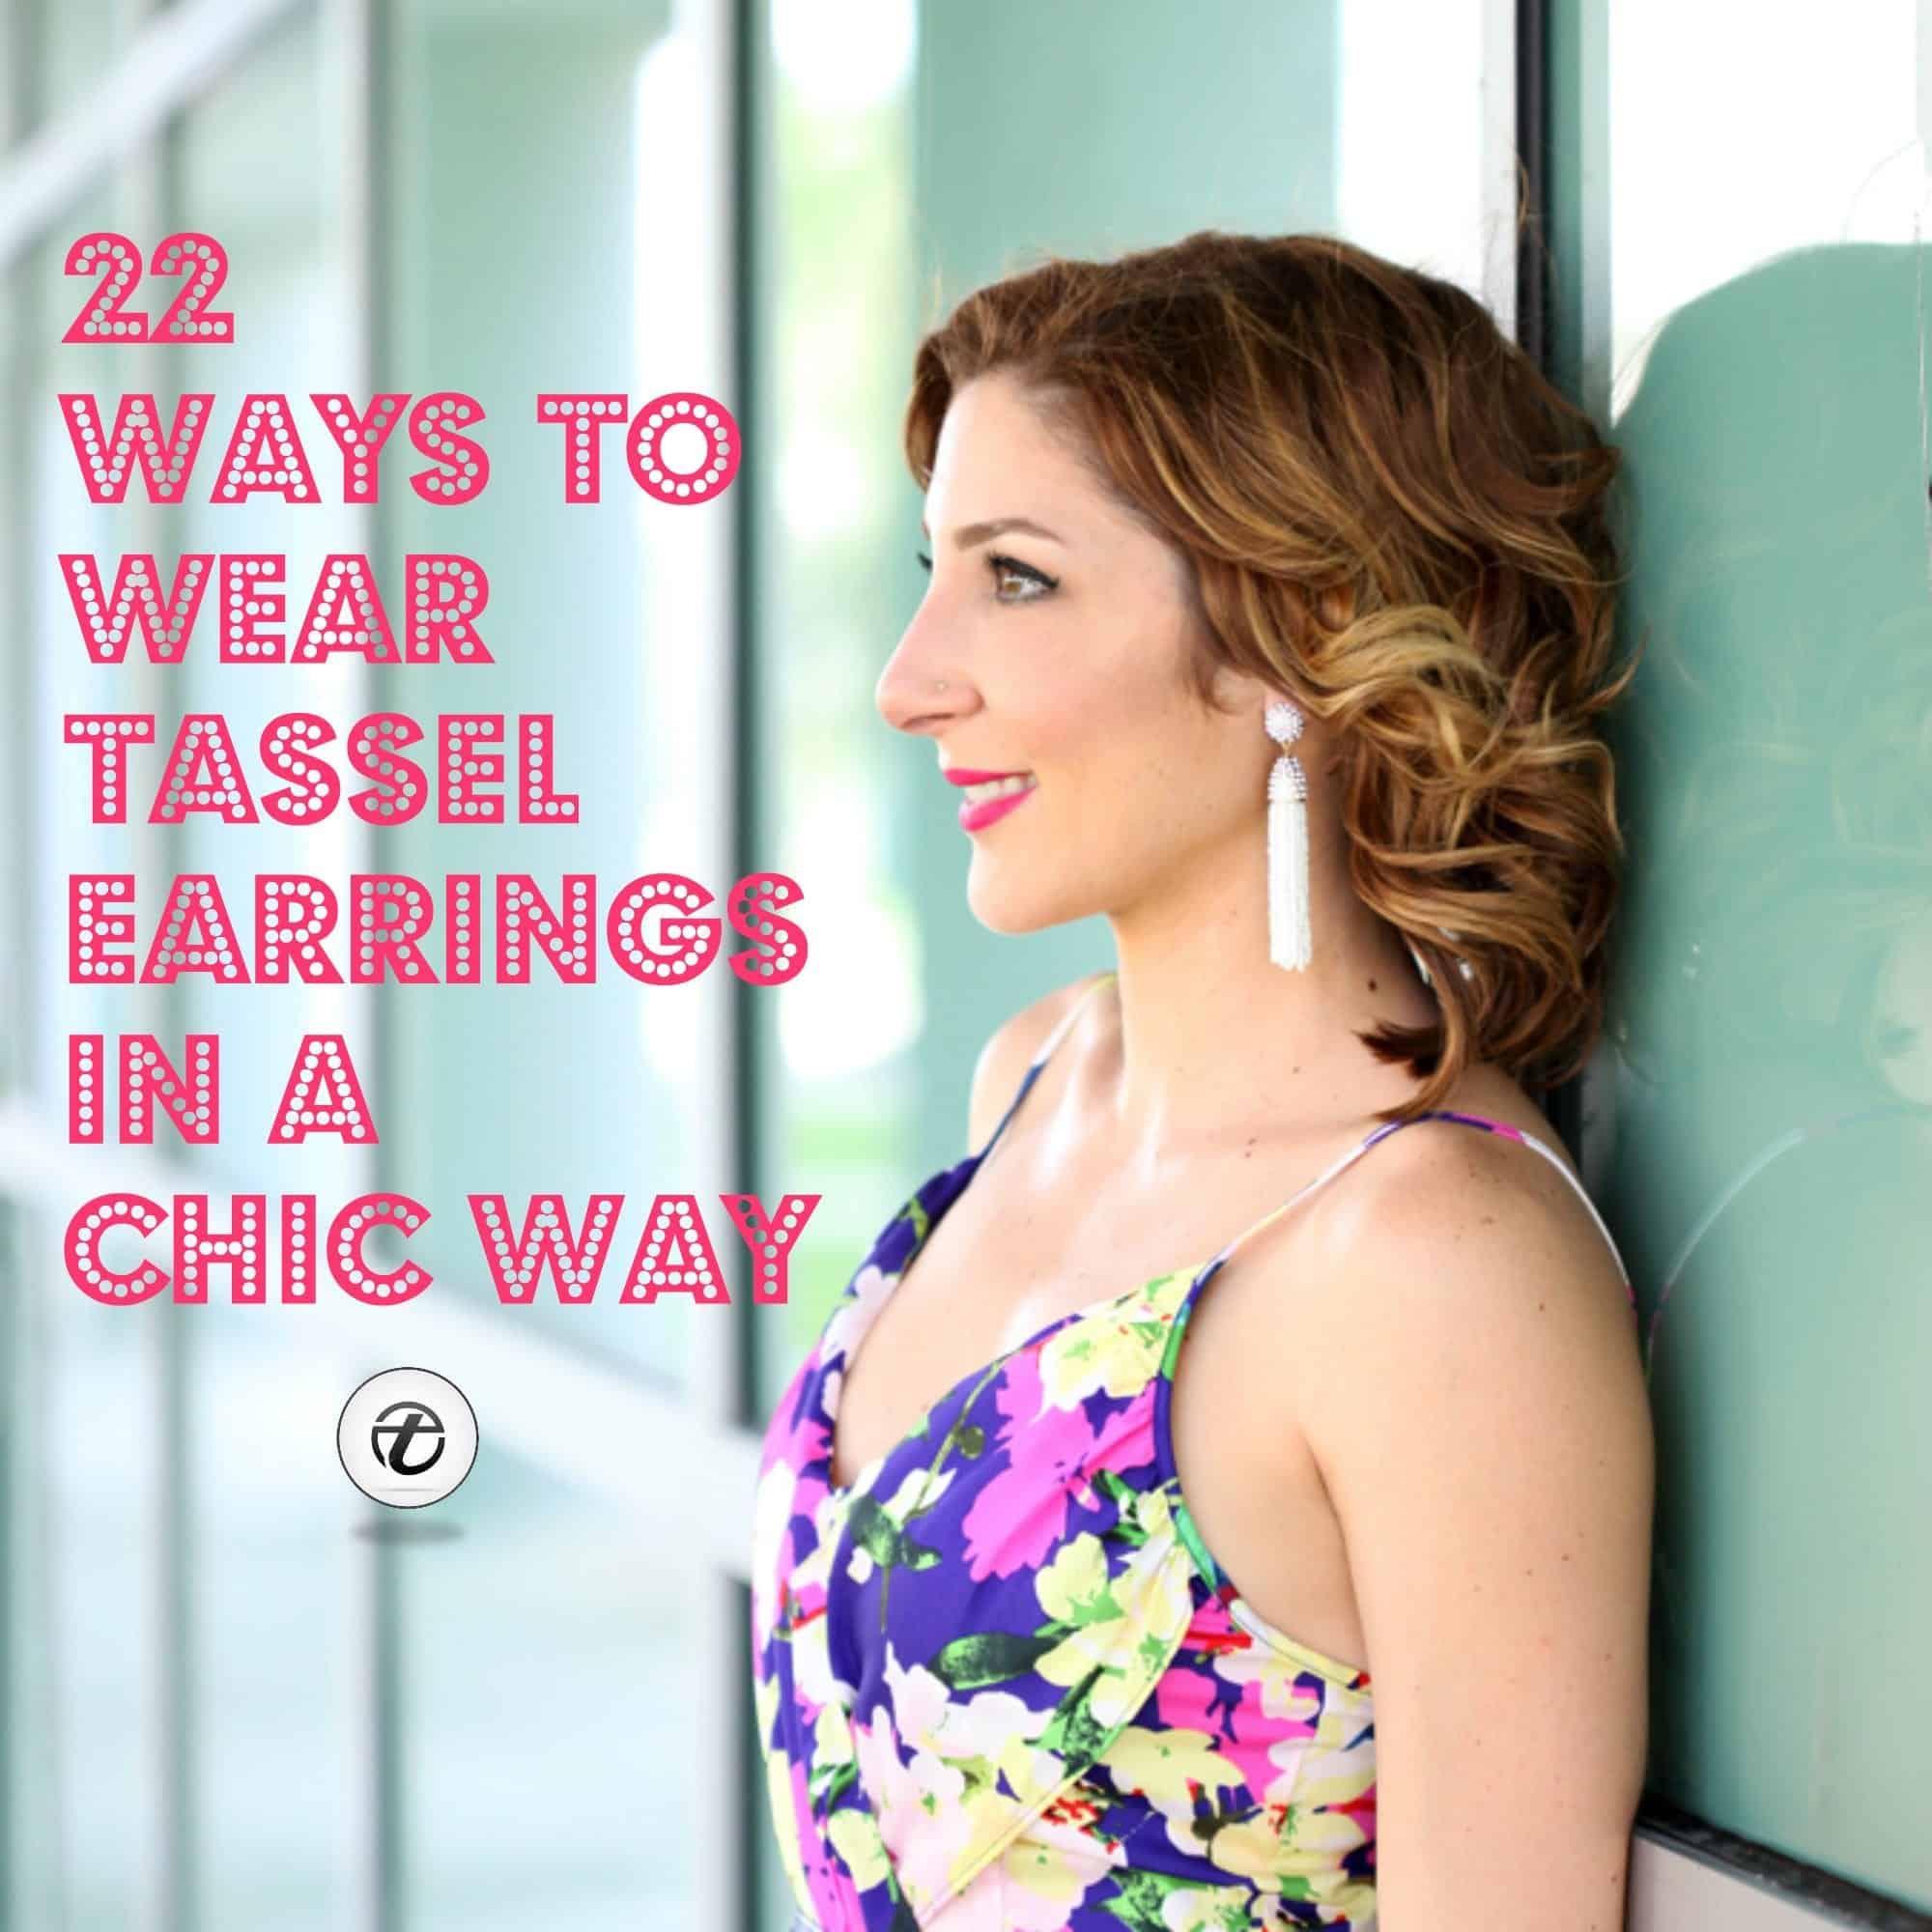 Wear you Would Tassel earrings? photo